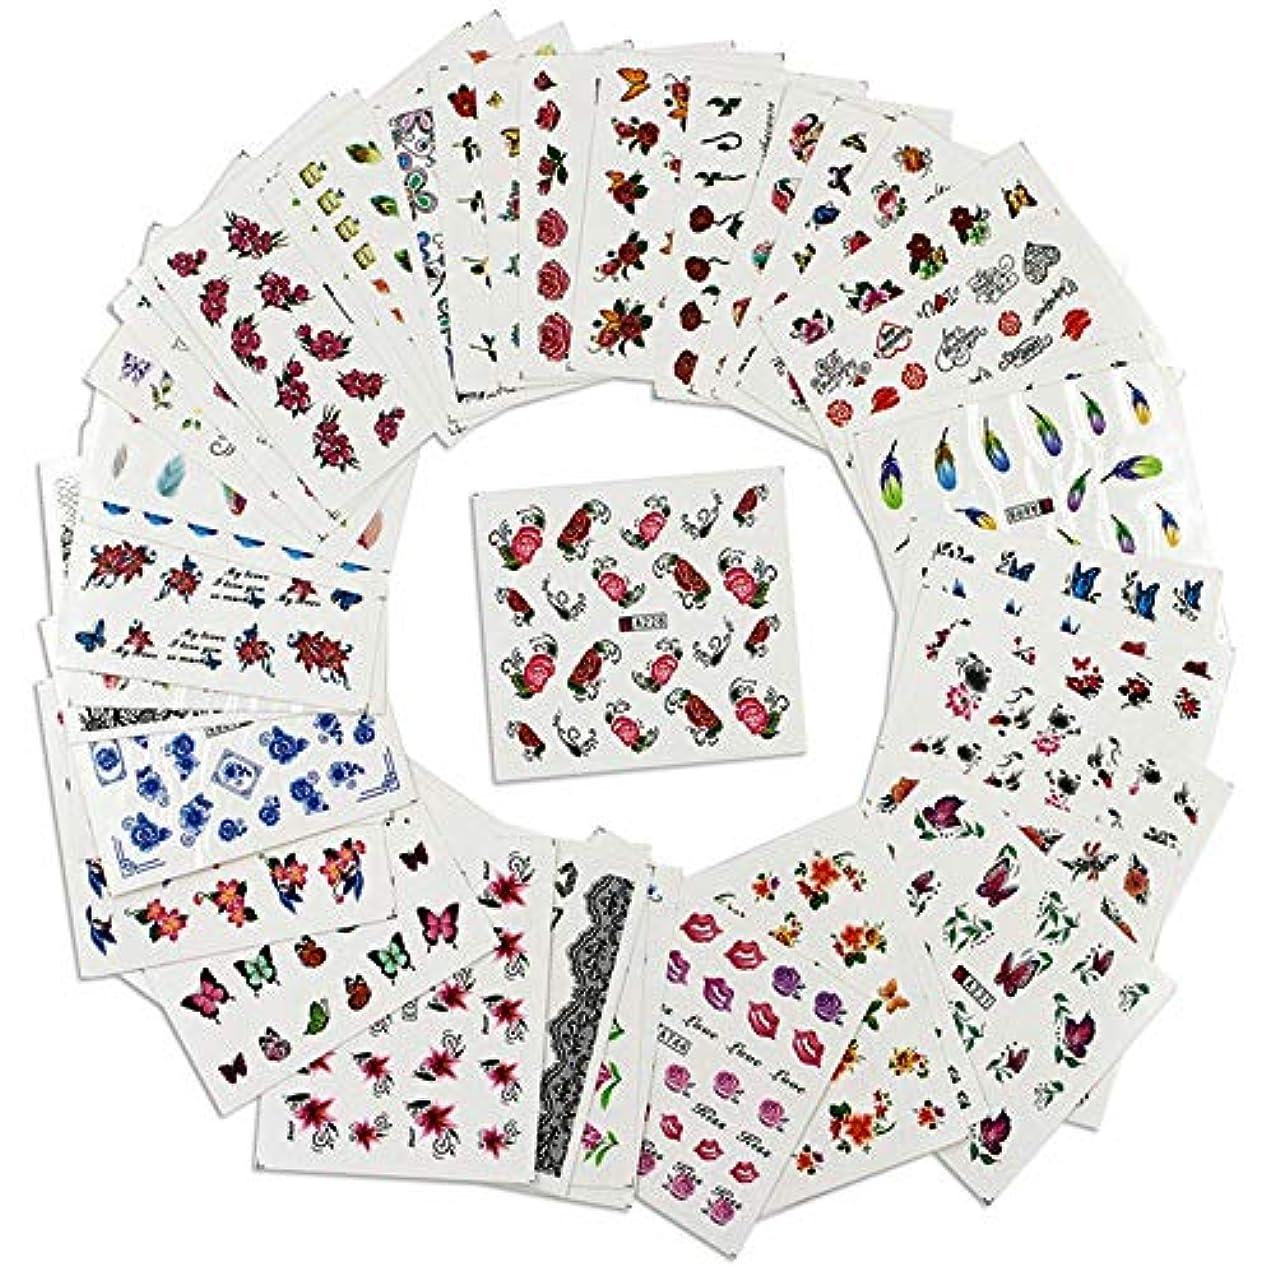 ストロークシリングカナダネイルアート ステッカー 花柄 シール 貼るだけマニキュア セットステッカー 女性 重ね貼り 誕生日パーティー ネイルステッカー 50個 ネイルステッカー付き